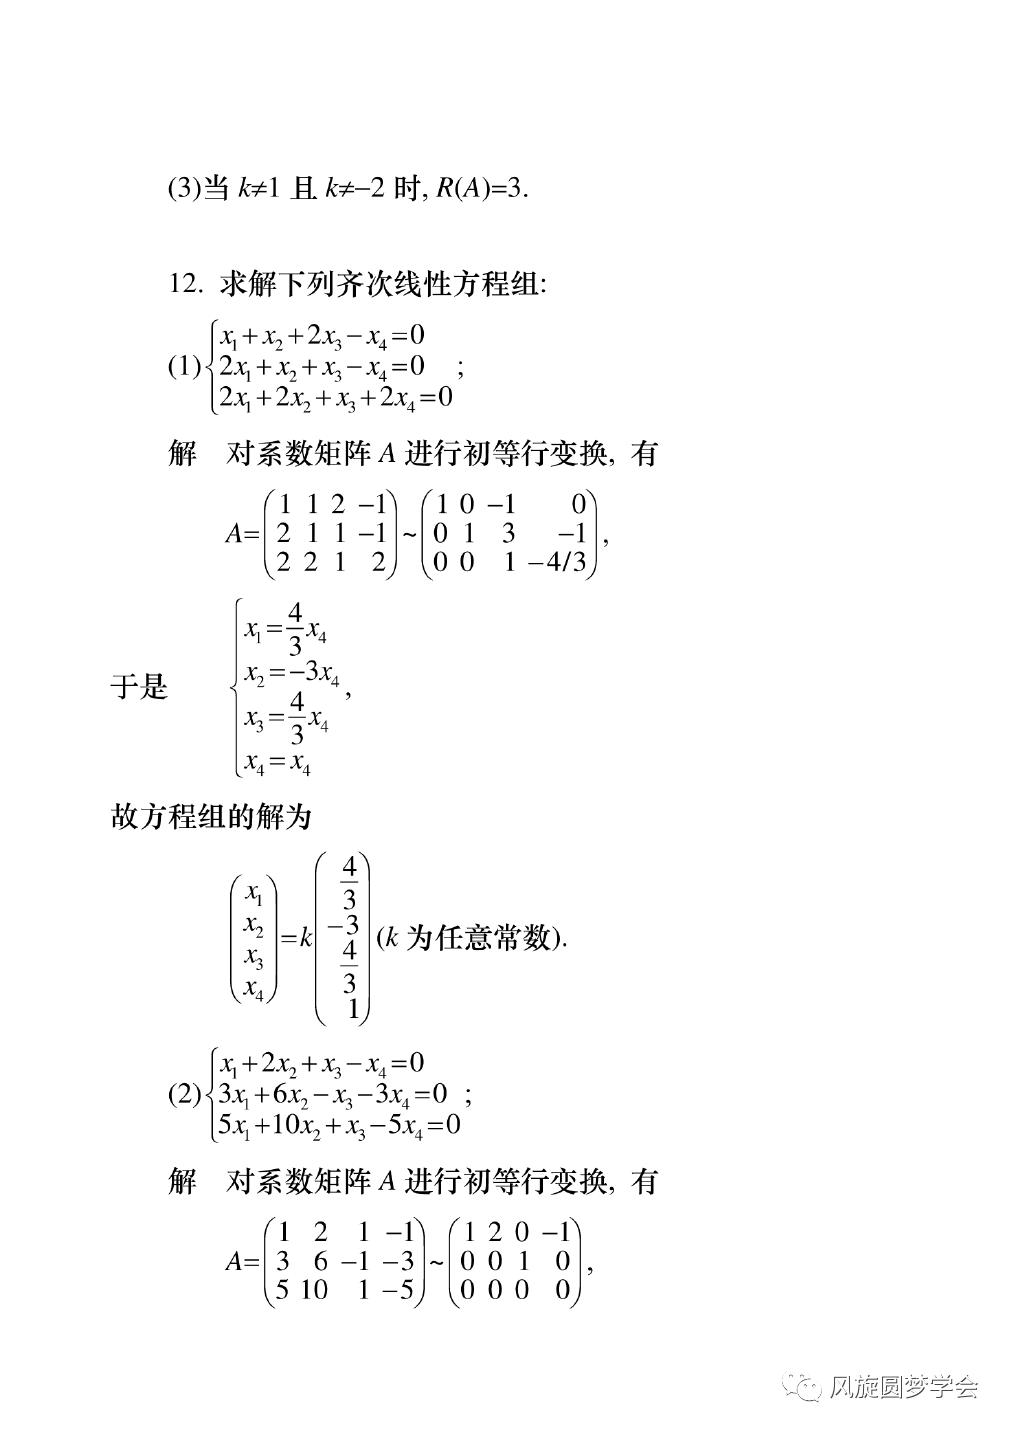 1f6304f53a64c48b1235c41ac751f3af.png